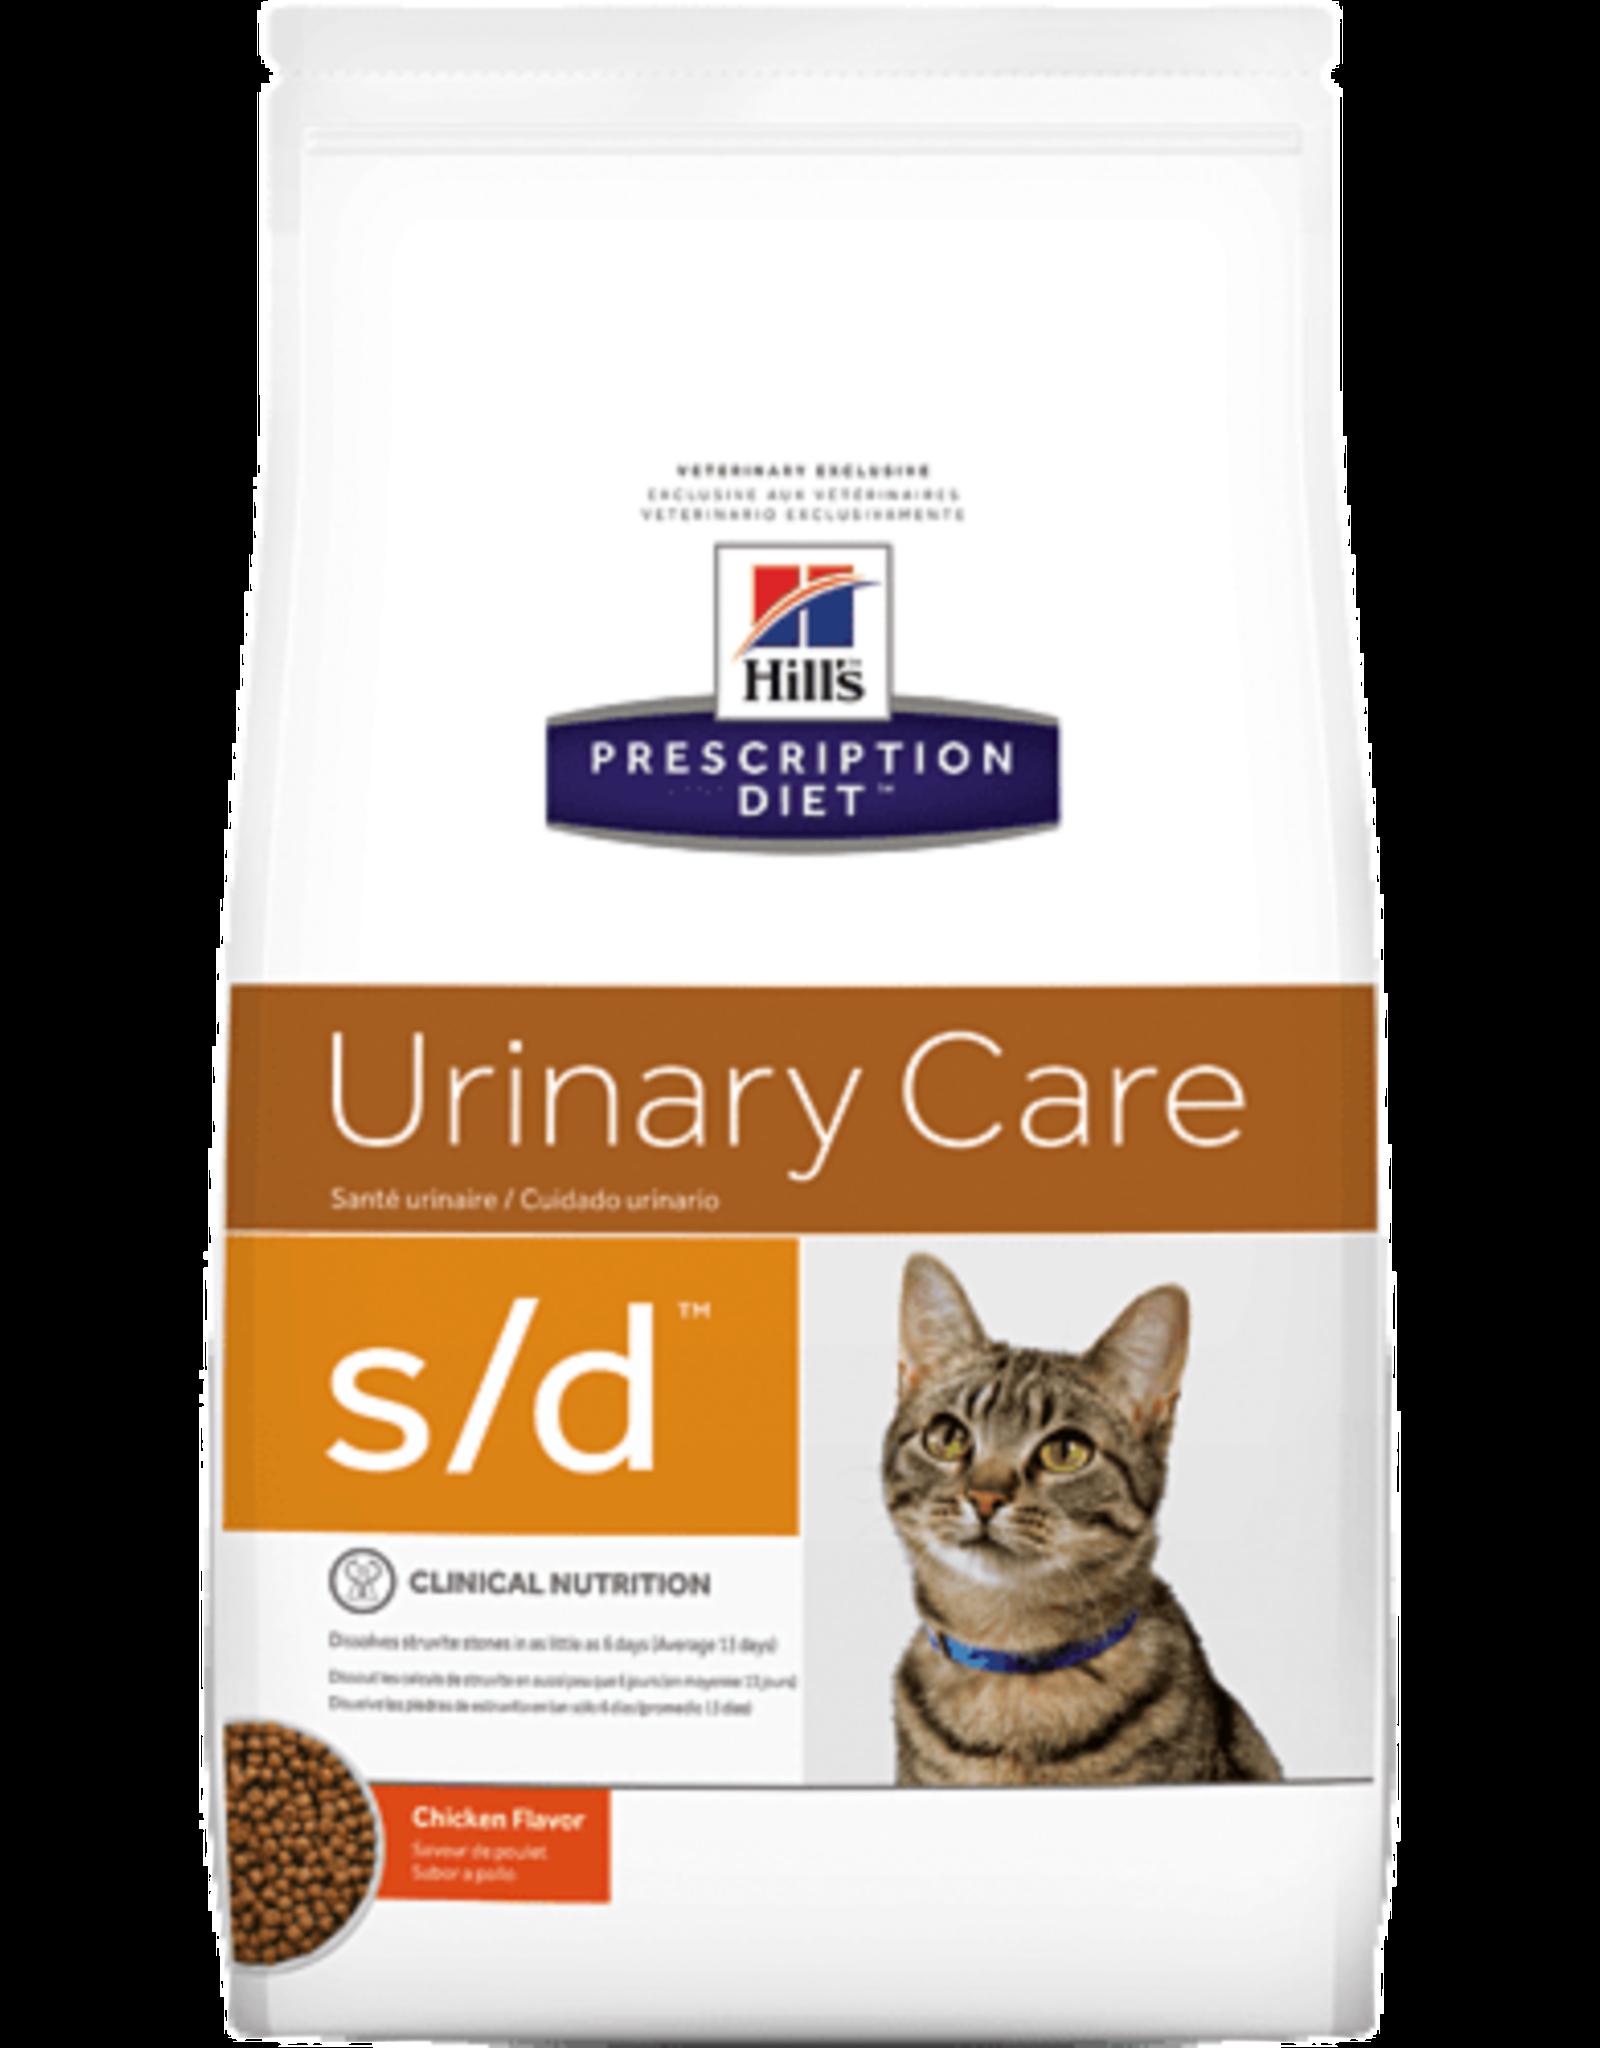 Hill's Hill's Prescription Diet S/d Chat 1,5kg